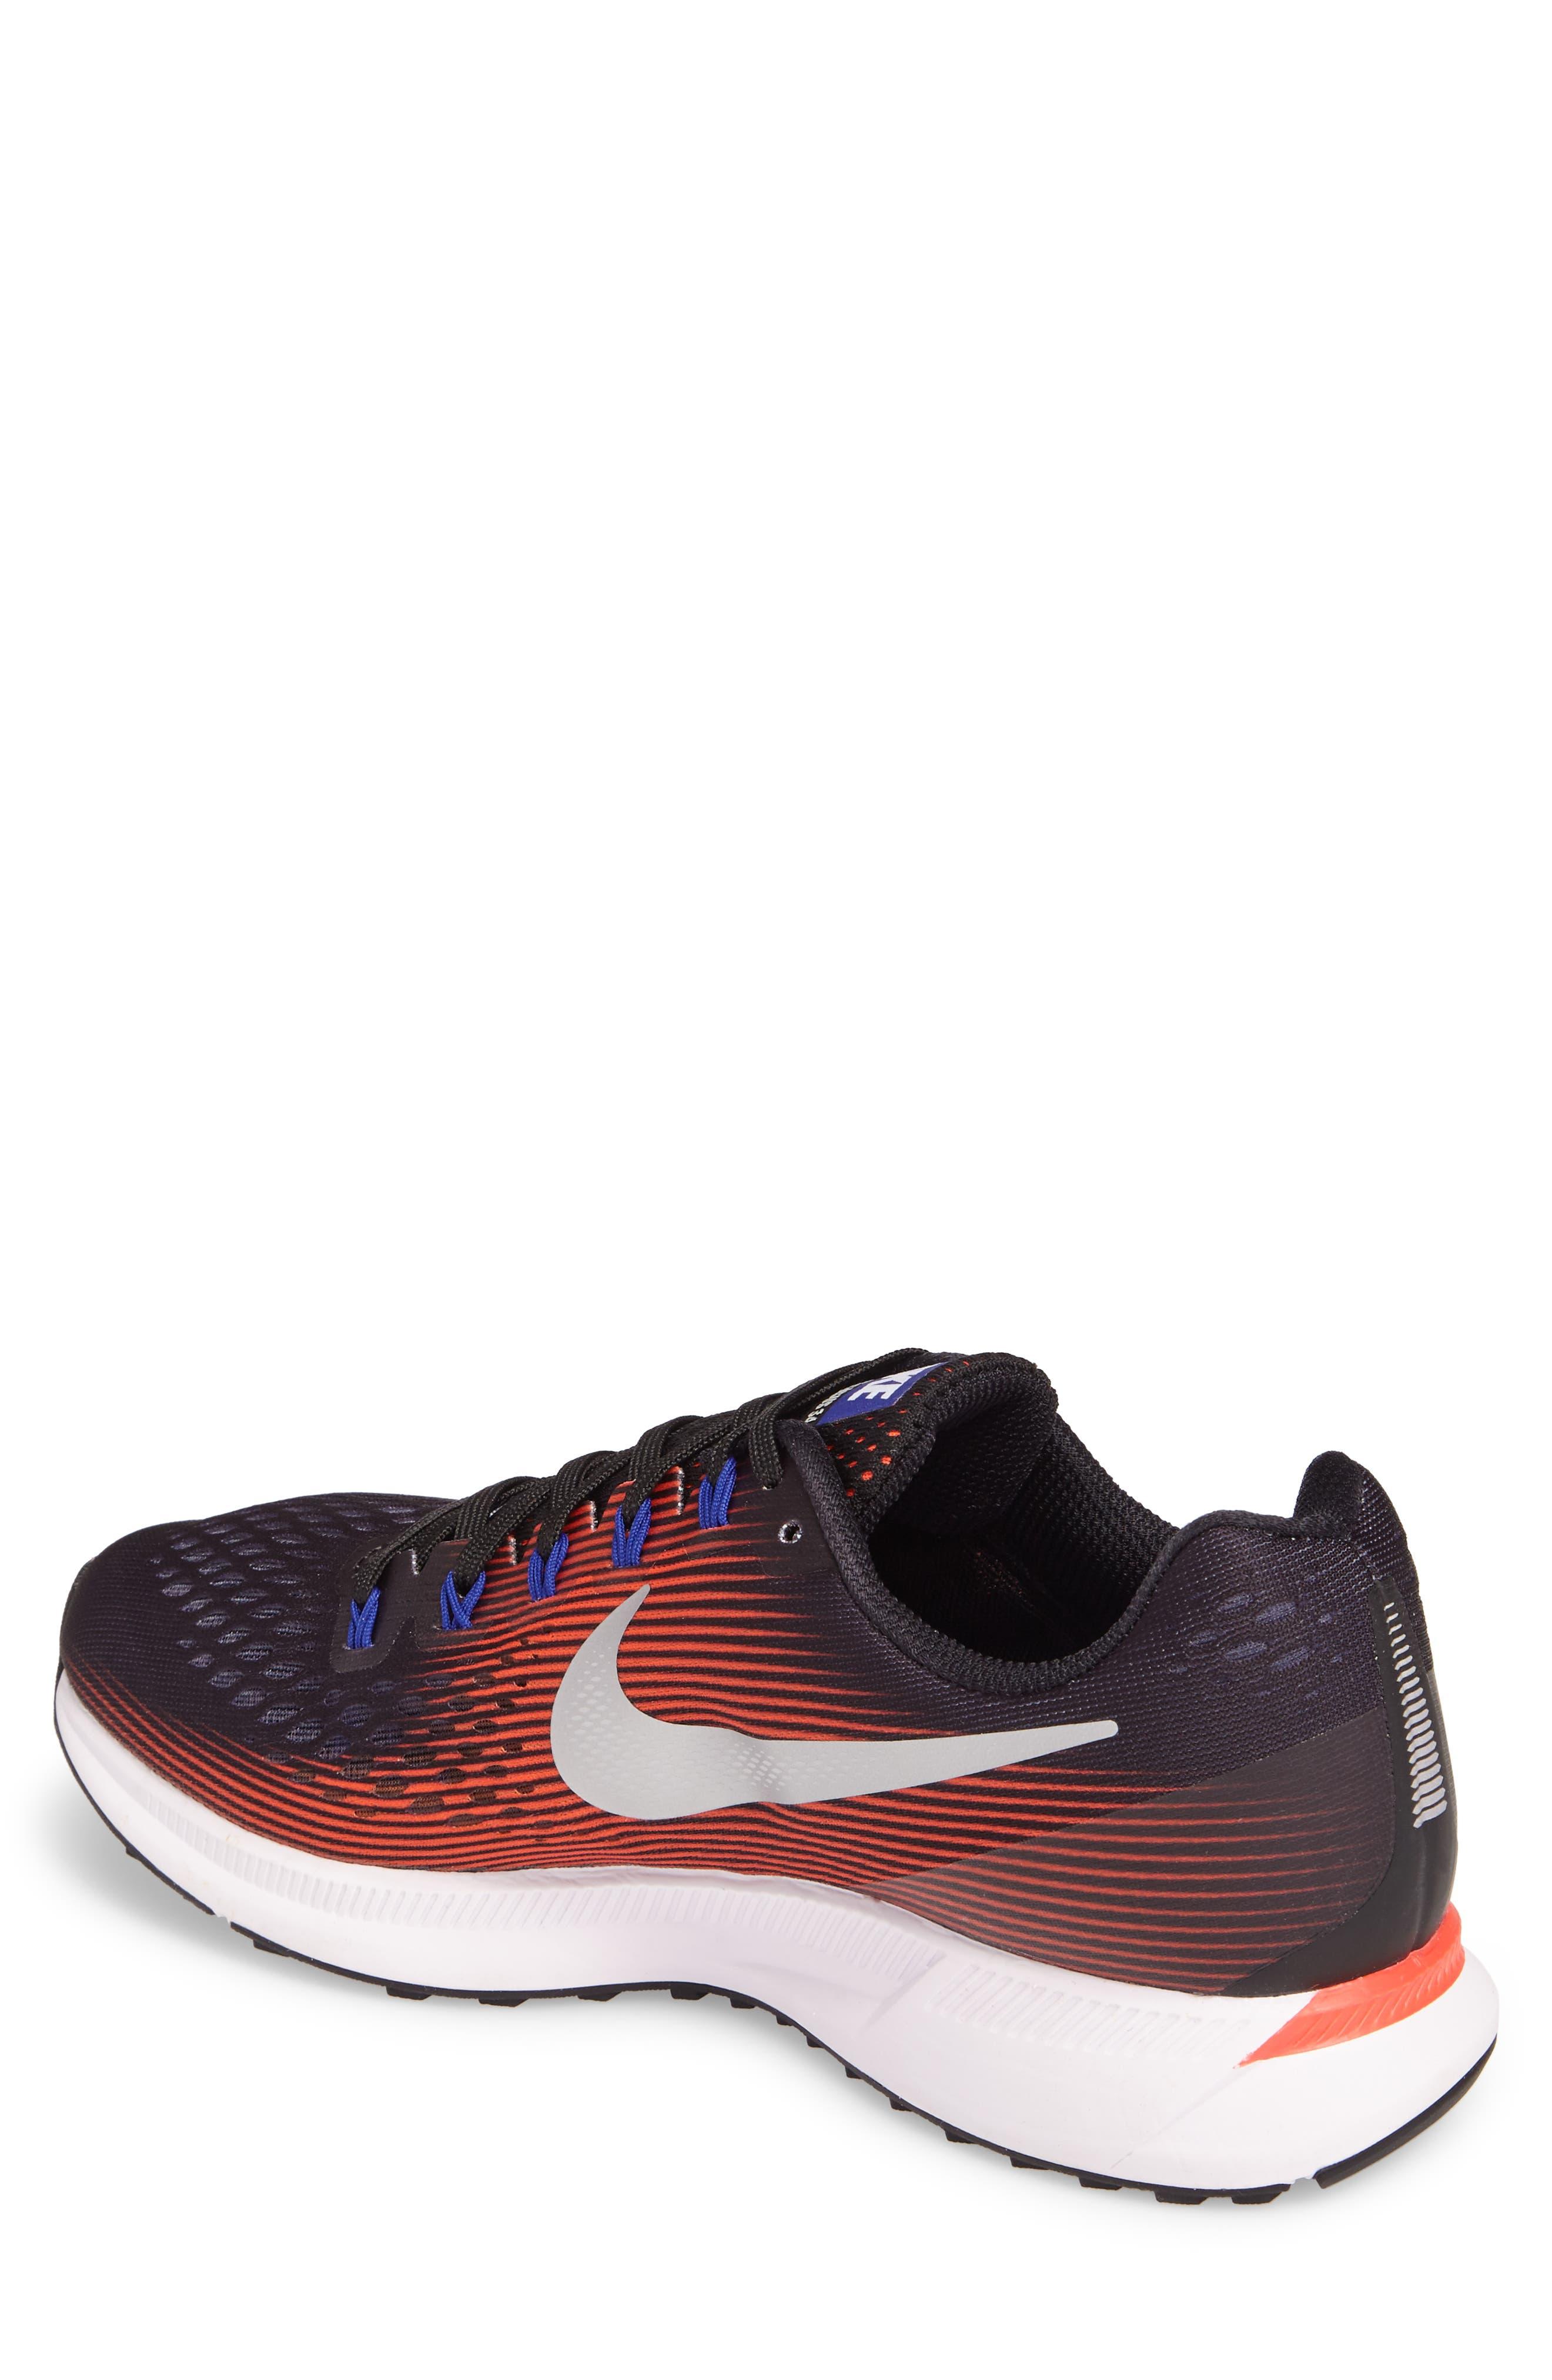 Air Zoom Pegasus 34 Sneaker,                             Alternate thumbnail 19, color,